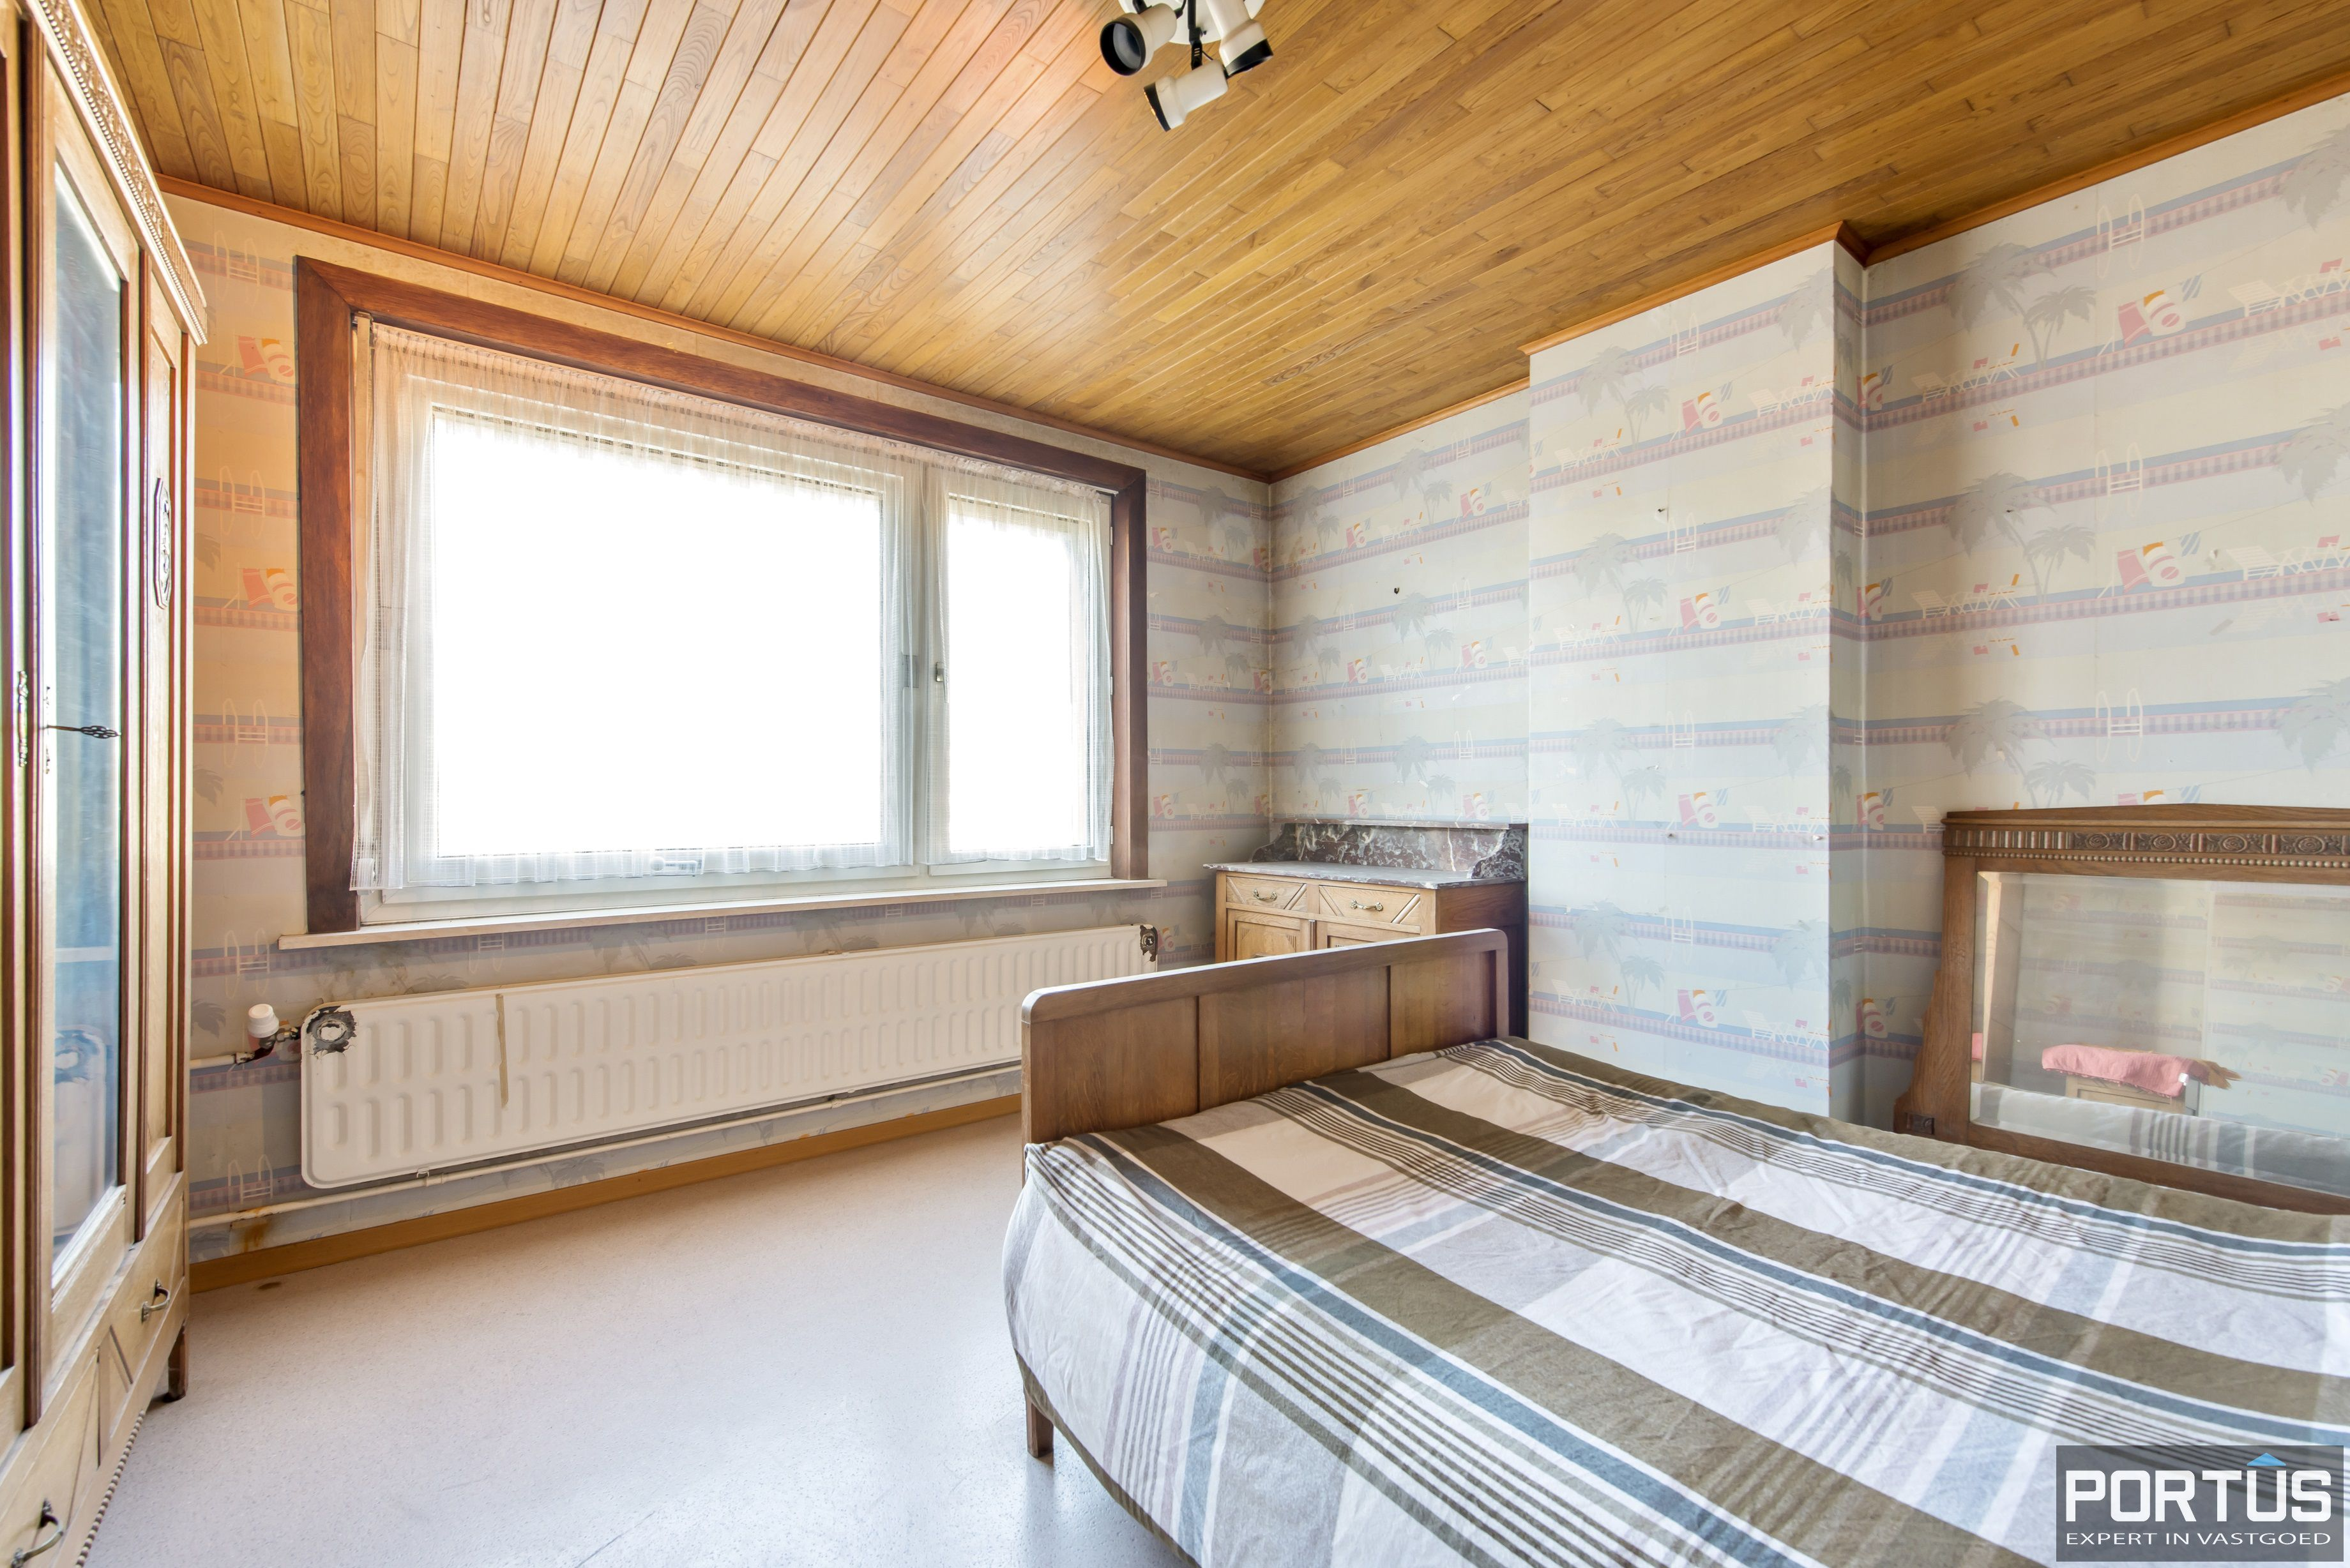 Woning met 4 slaapkamers en grote tuin te koop - 10792